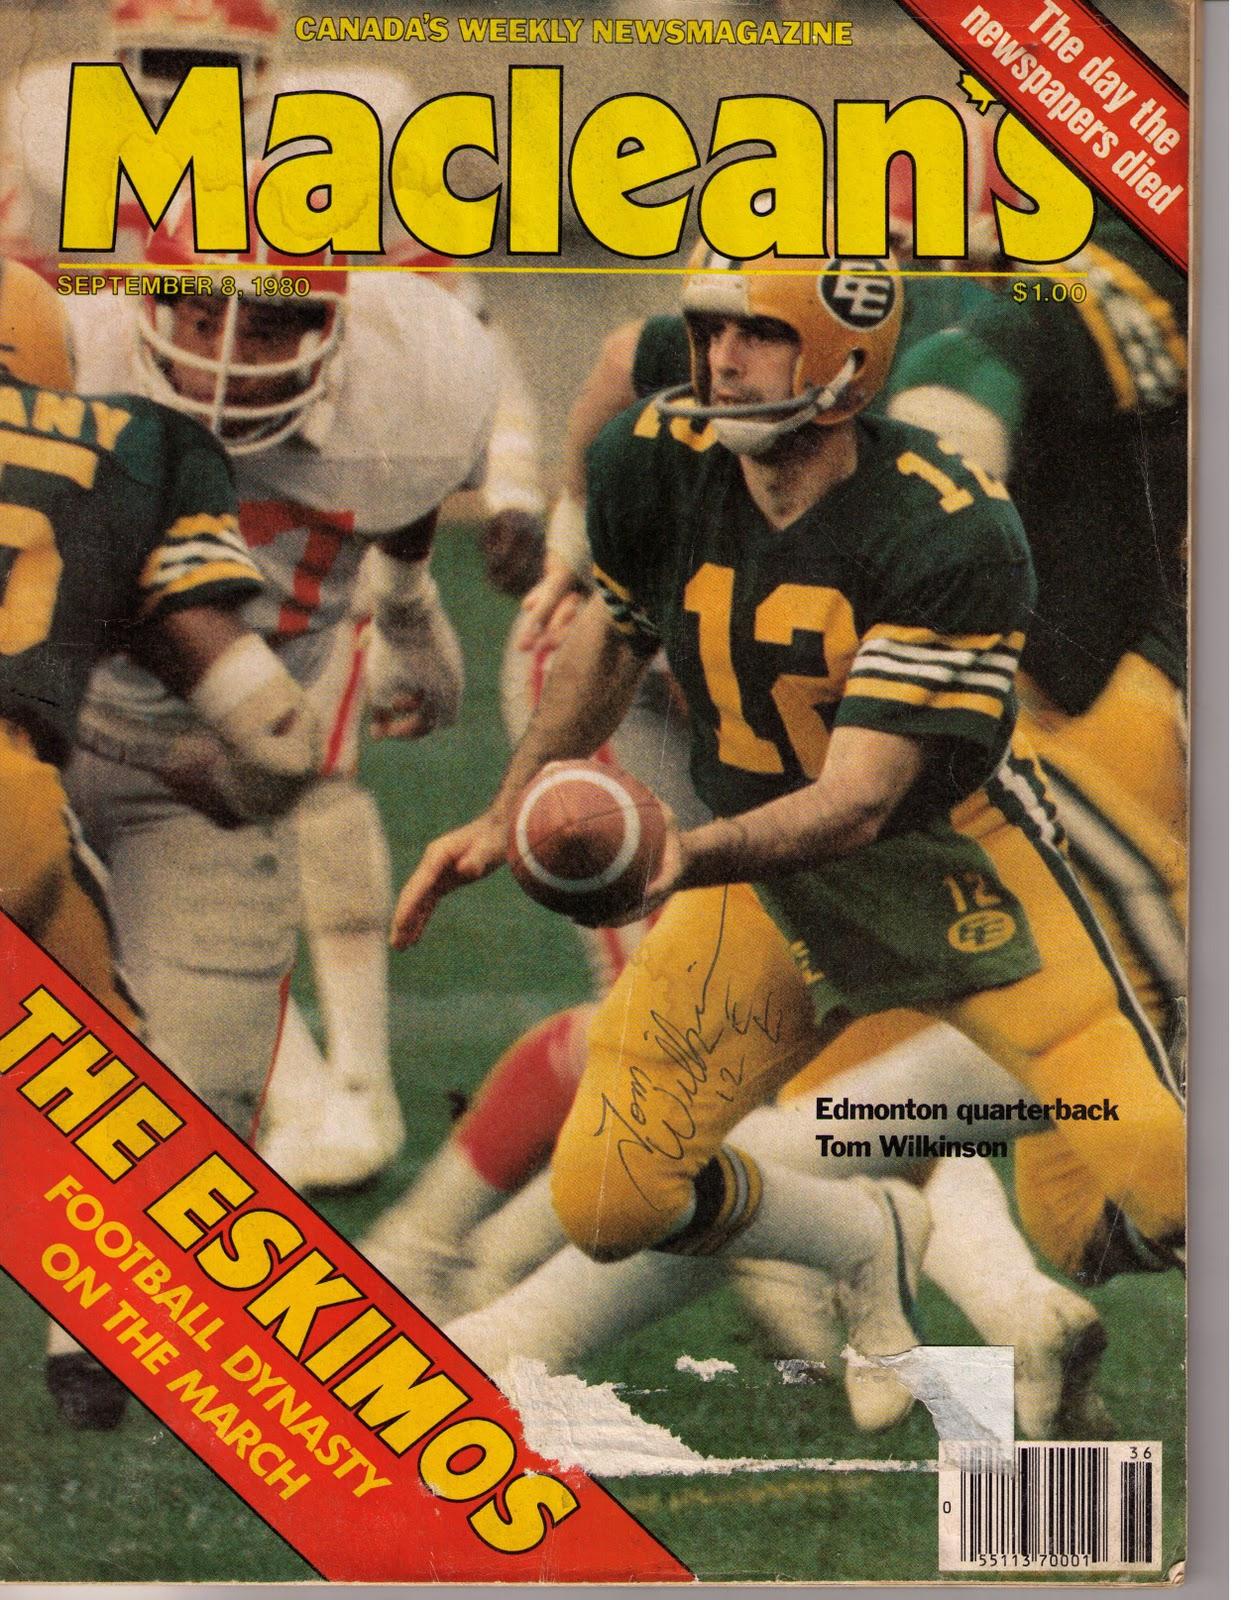 1980 CFL season